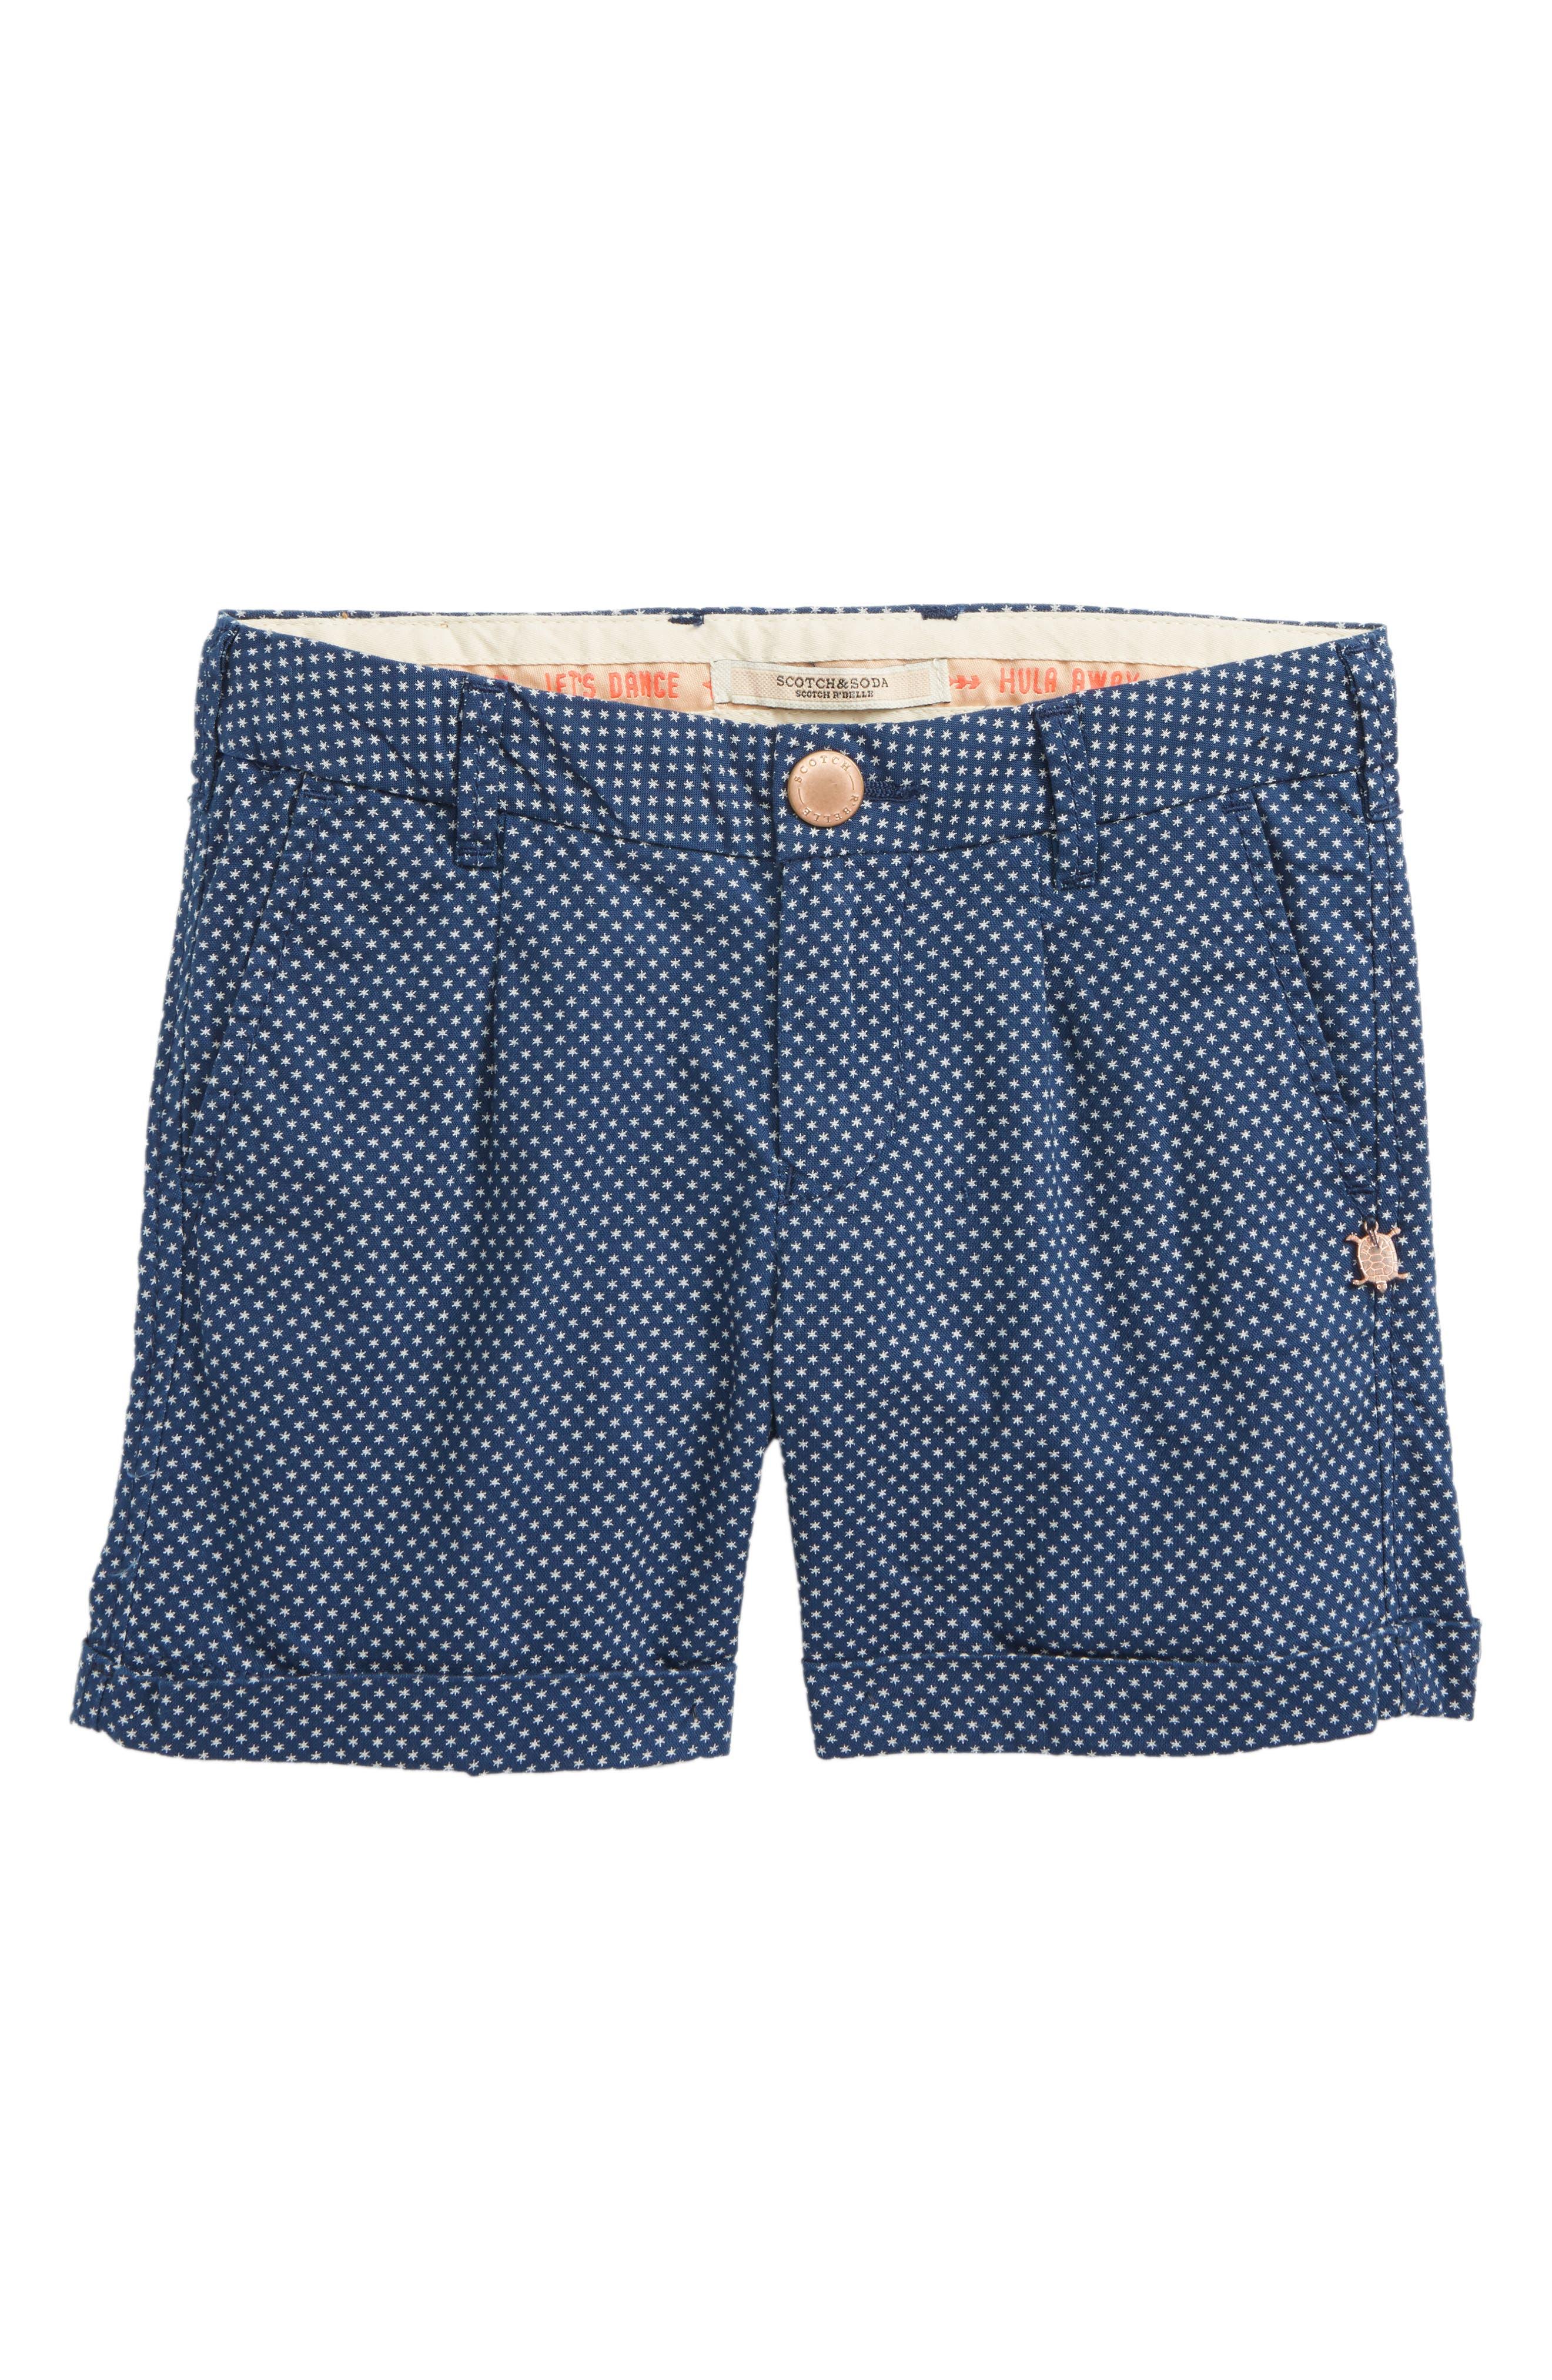 Scotch R'Belle Star Cotton Shorts,                             Main thumbnail 1, color,                             400